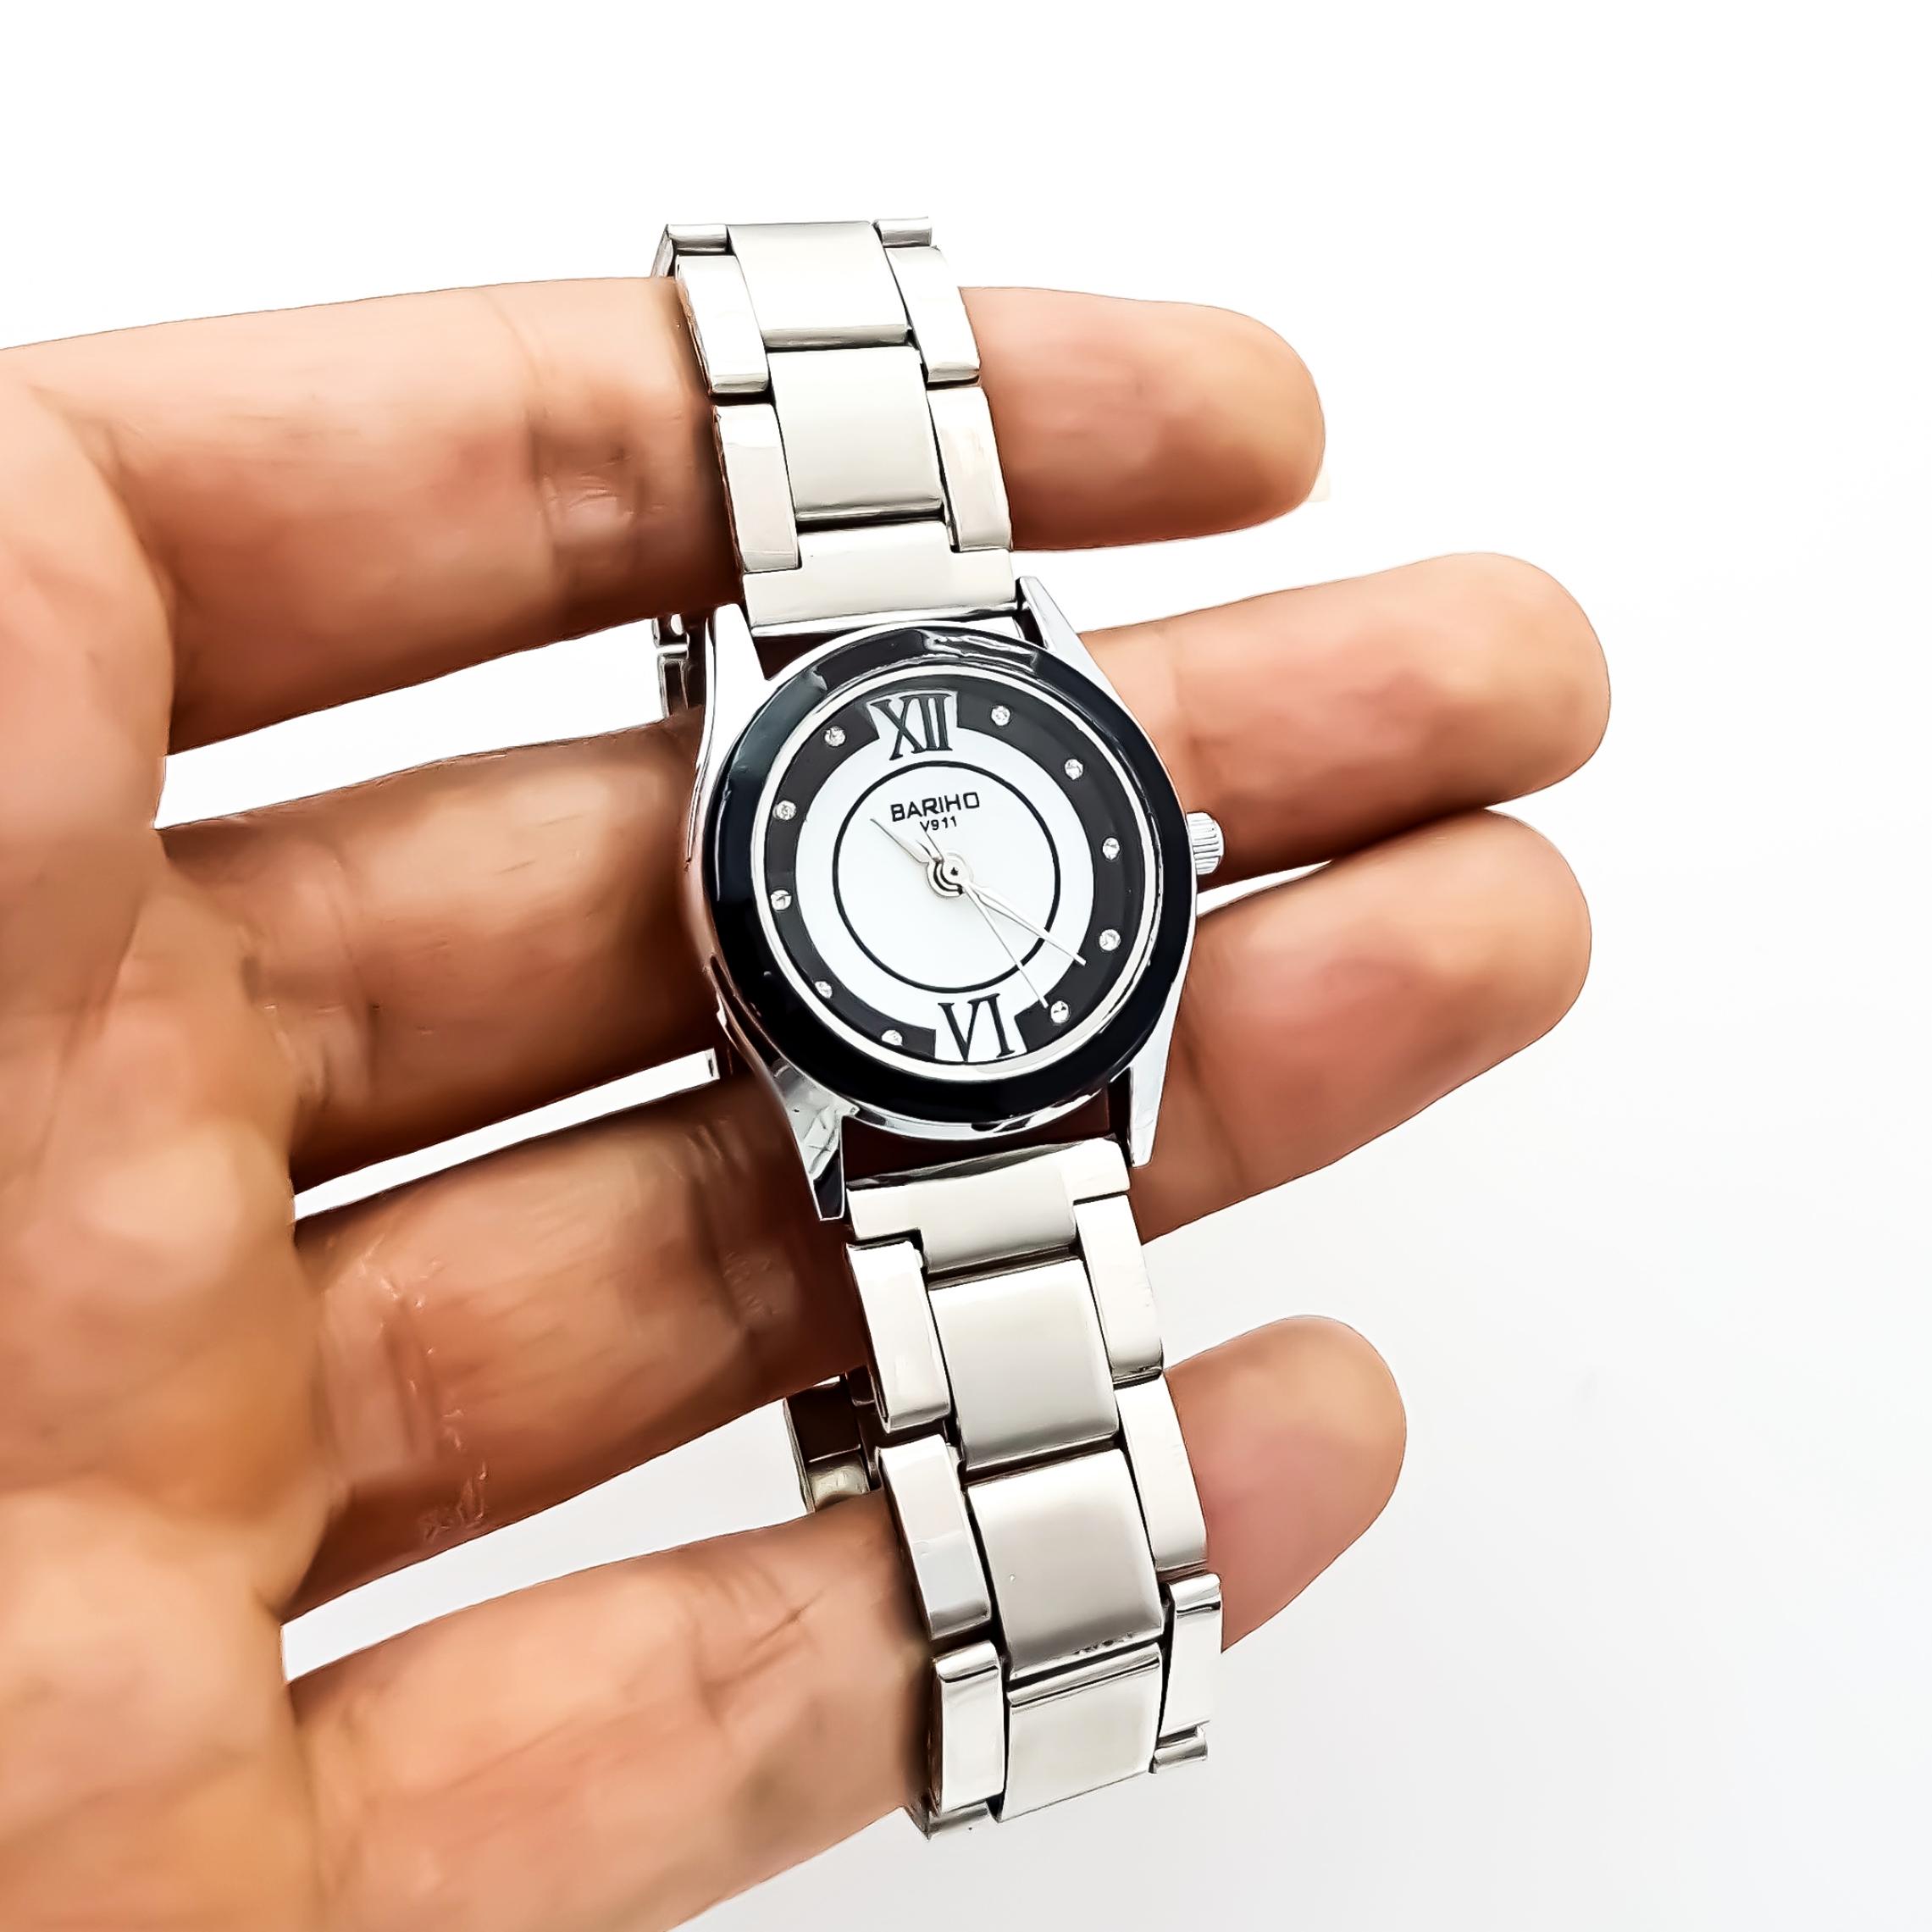 خرید و قیمت                      ساعت مچی  زنانه باریهو مدل VS5463